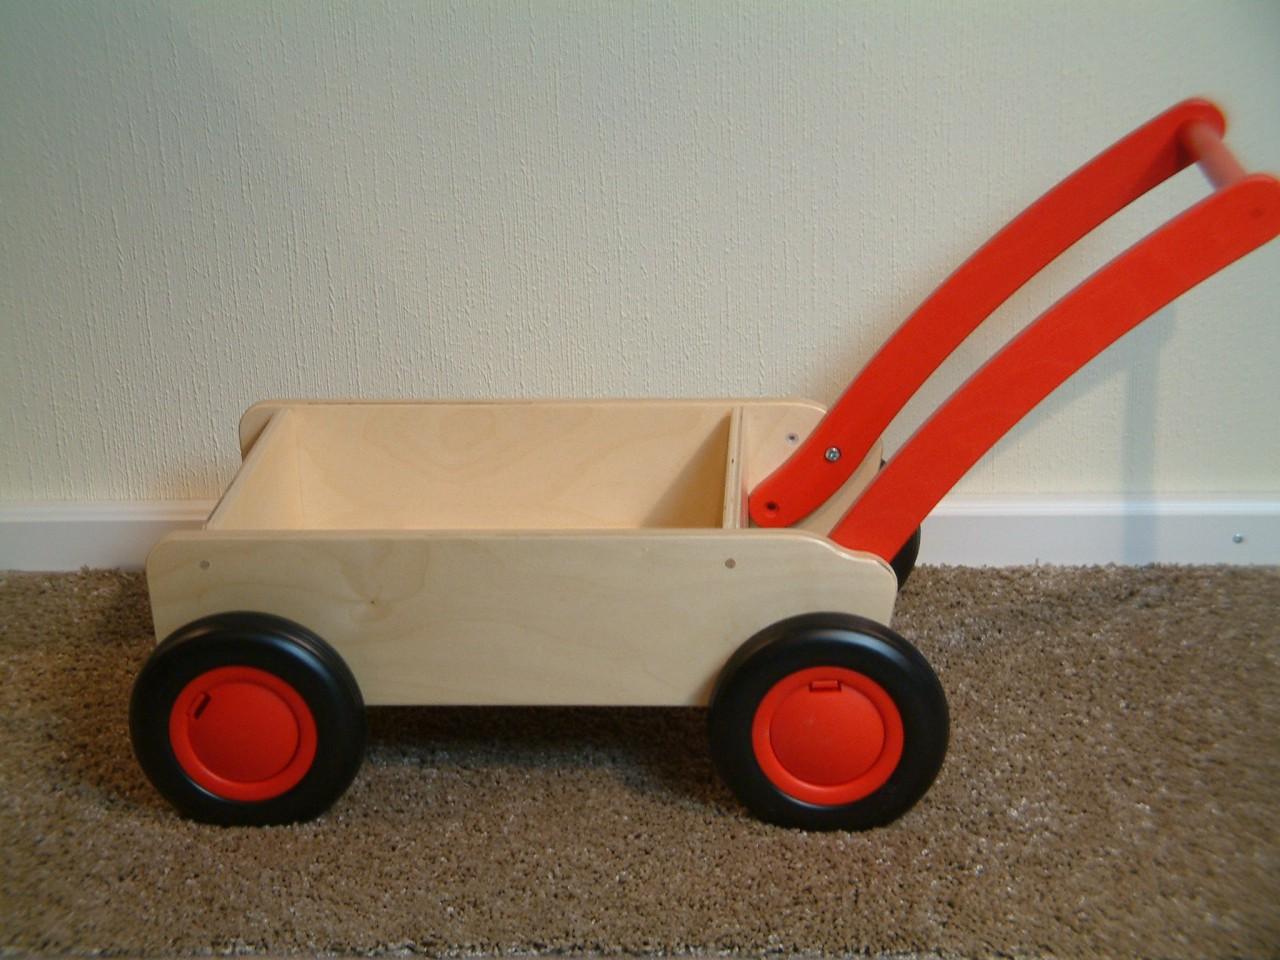 lauflernwagen lauflernhilfe material holz farbe natur rot ma e ca 55 x 30 x 50 cm. Black Bedroom Furniture Sets. Home Design Ideas